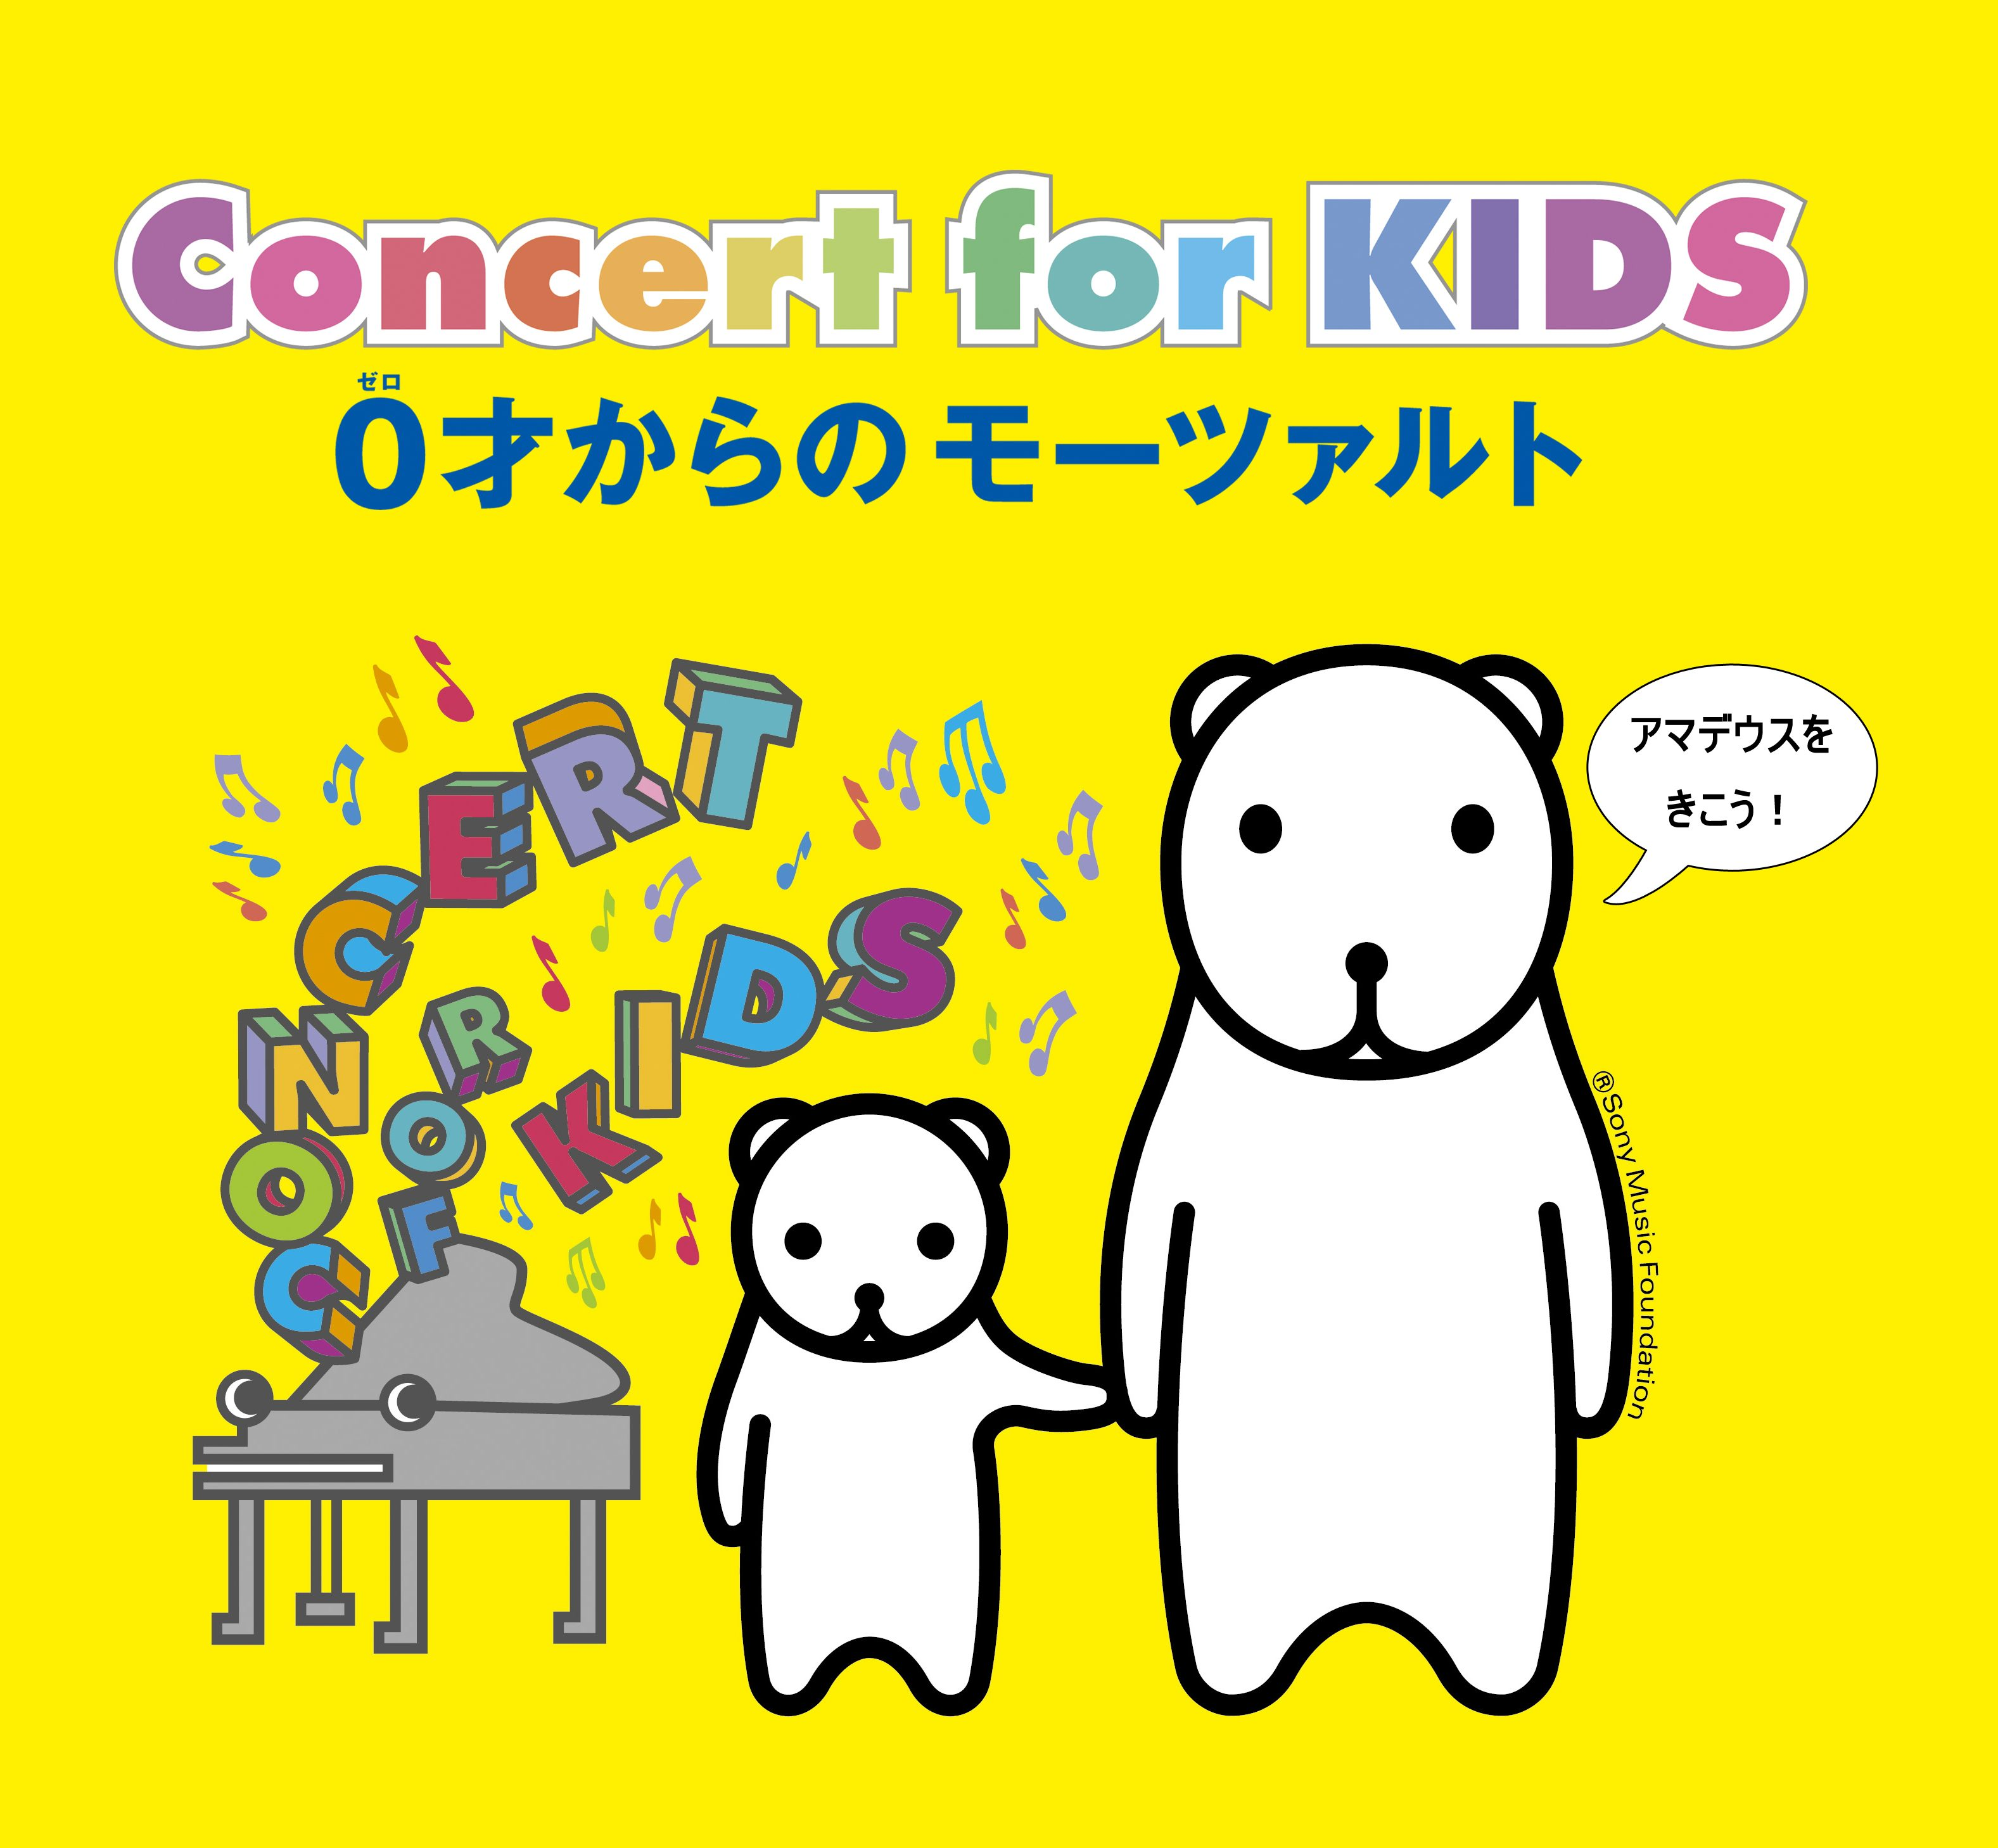 Concert for KIDS 0才からのモーツァルト ~ゆかいなパパゲーノの冒険~